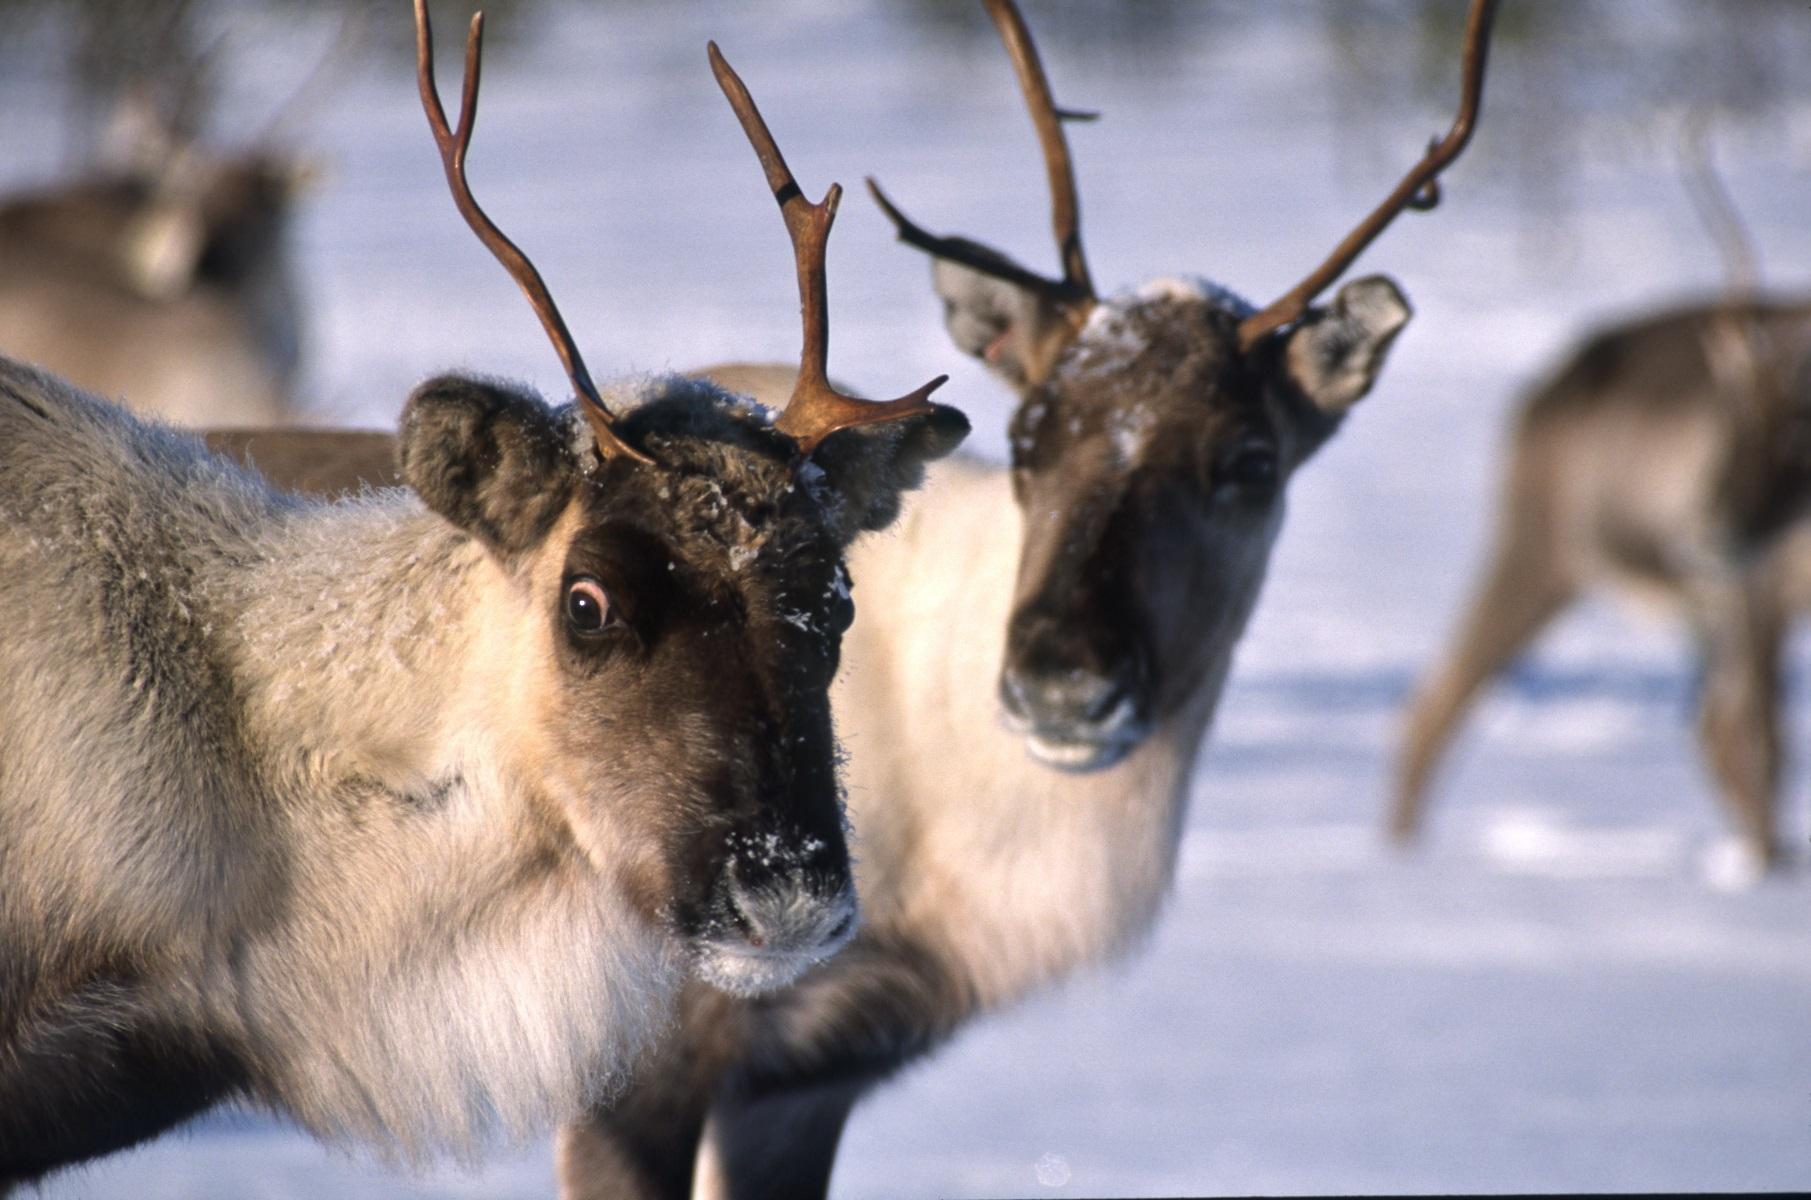 Les rennes, paisibles ainmaux